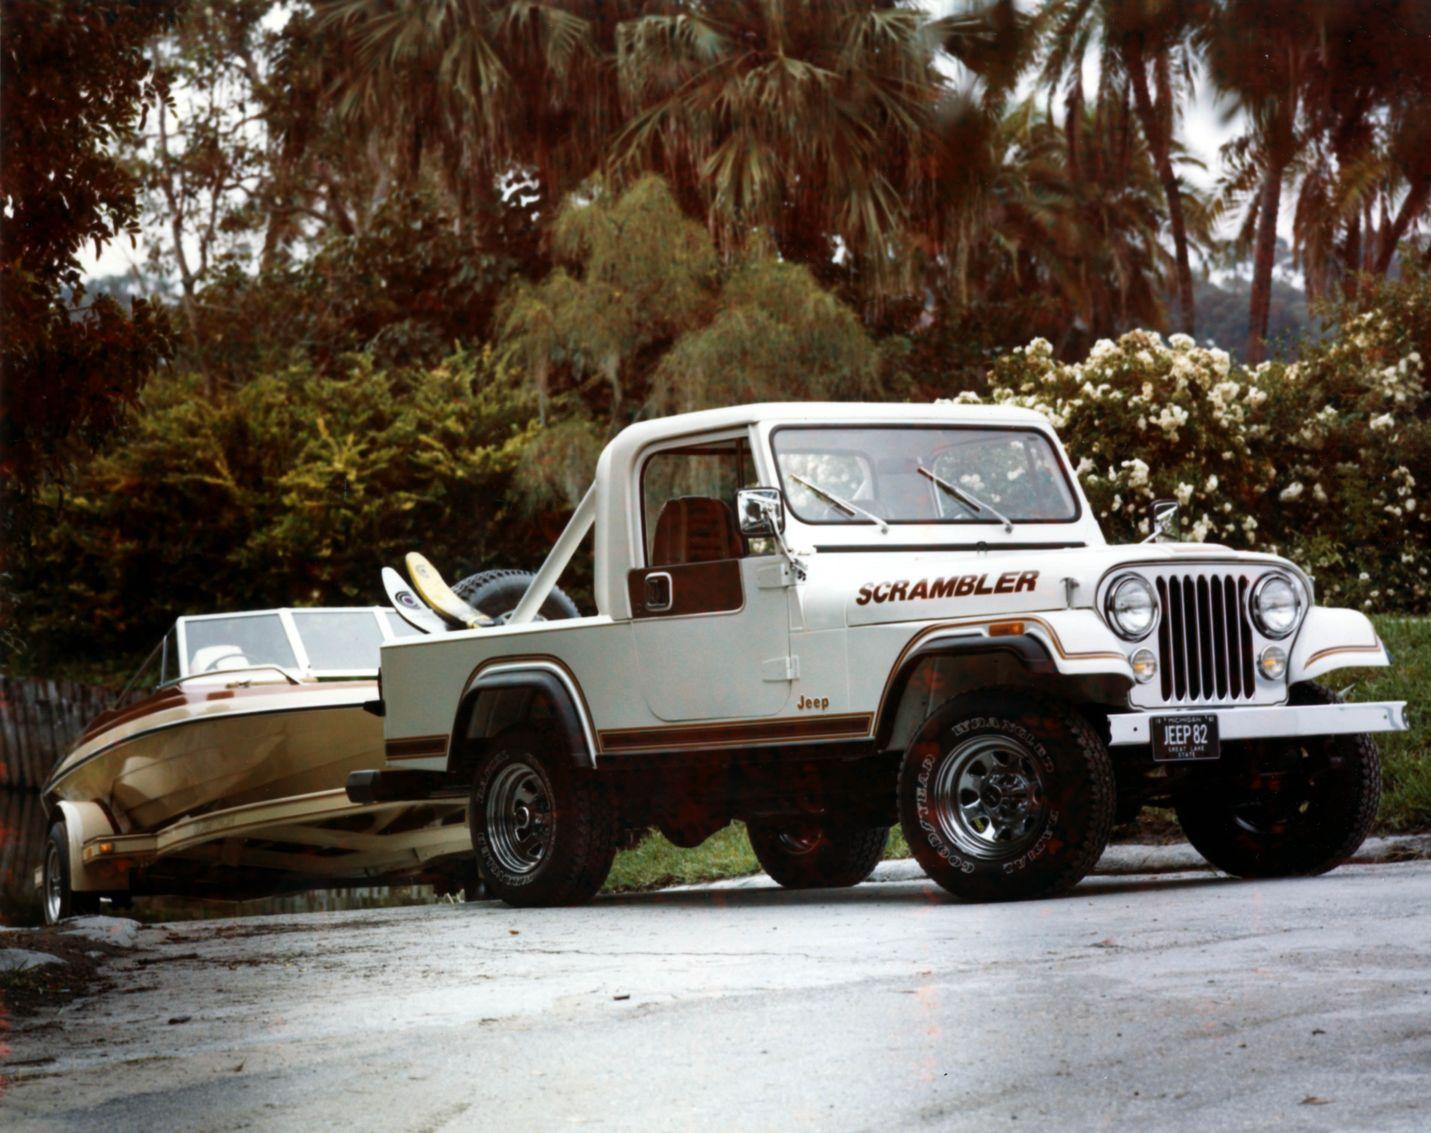 Malaise - 1981 Jeep Scrambler